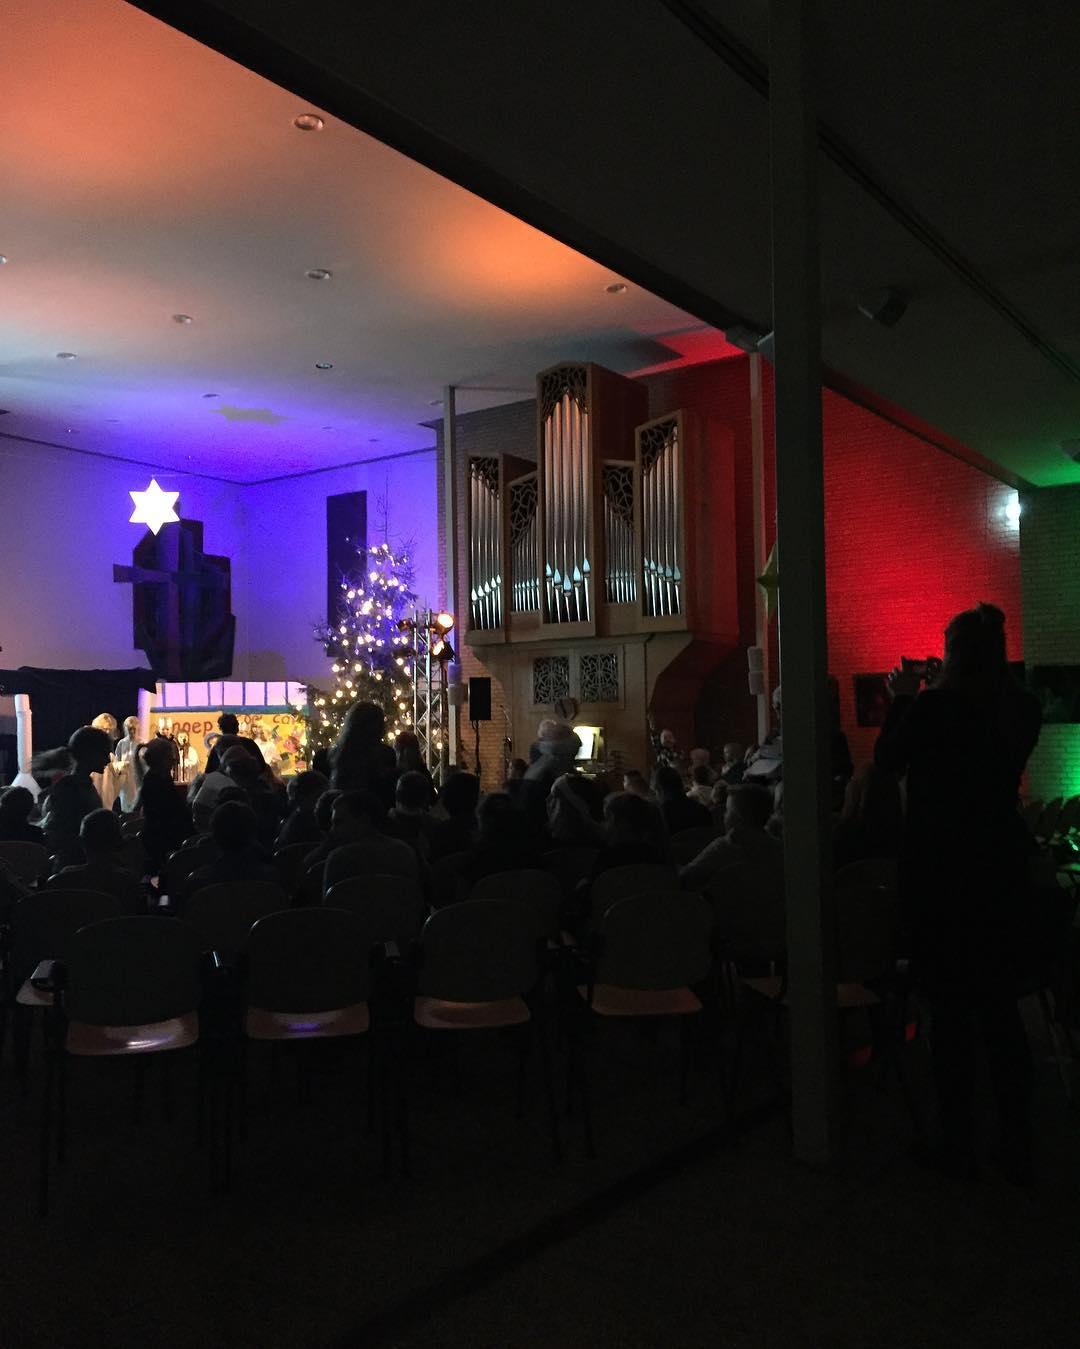 #tms #kerstviering in de kerk #school